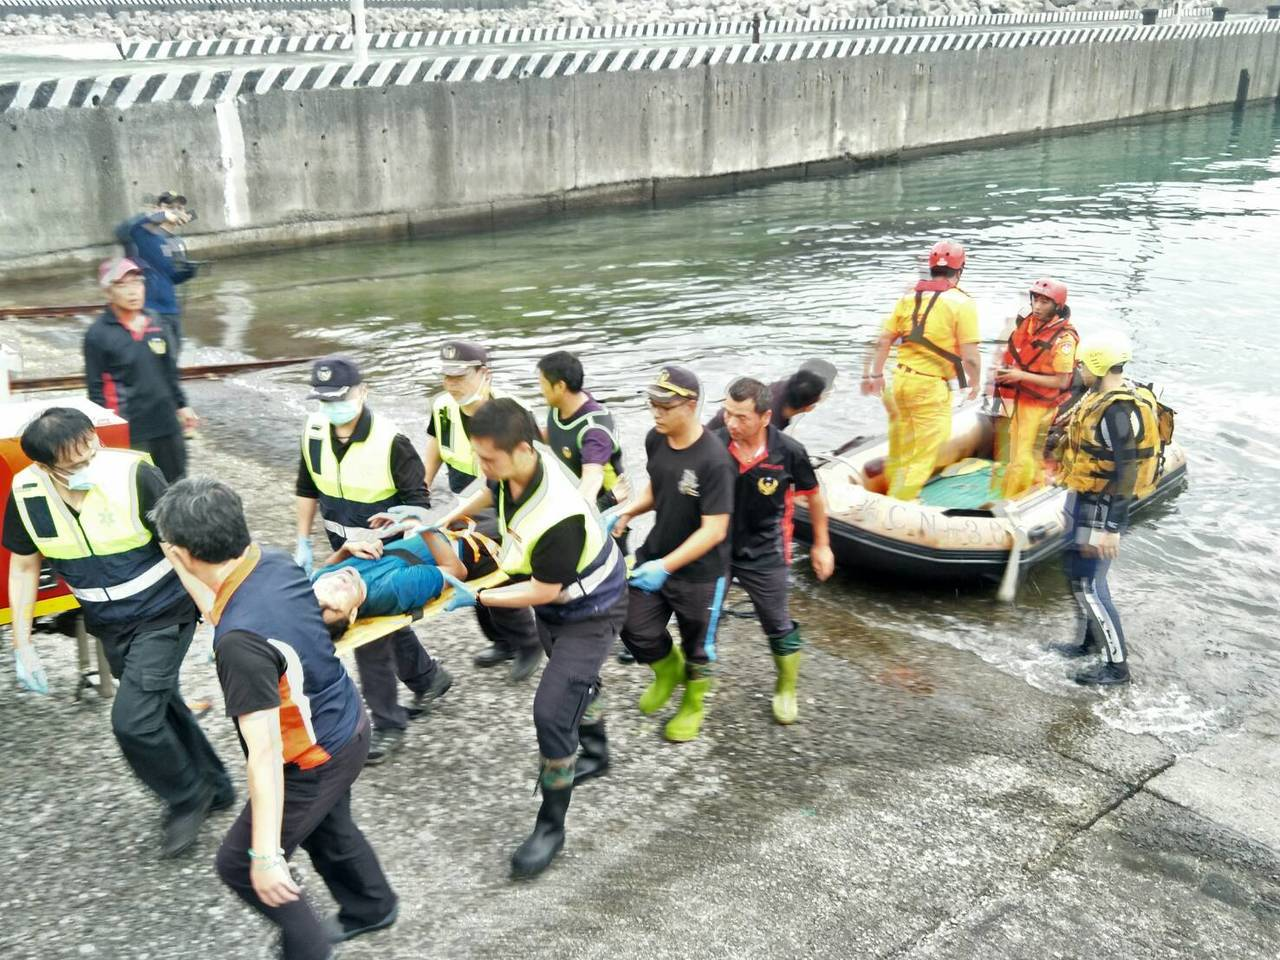 兩名男子在龍洞攀岩場不慎墜落,新北消防局和岸巡人員海陸救援,將傷者送醫,一昏迷、...